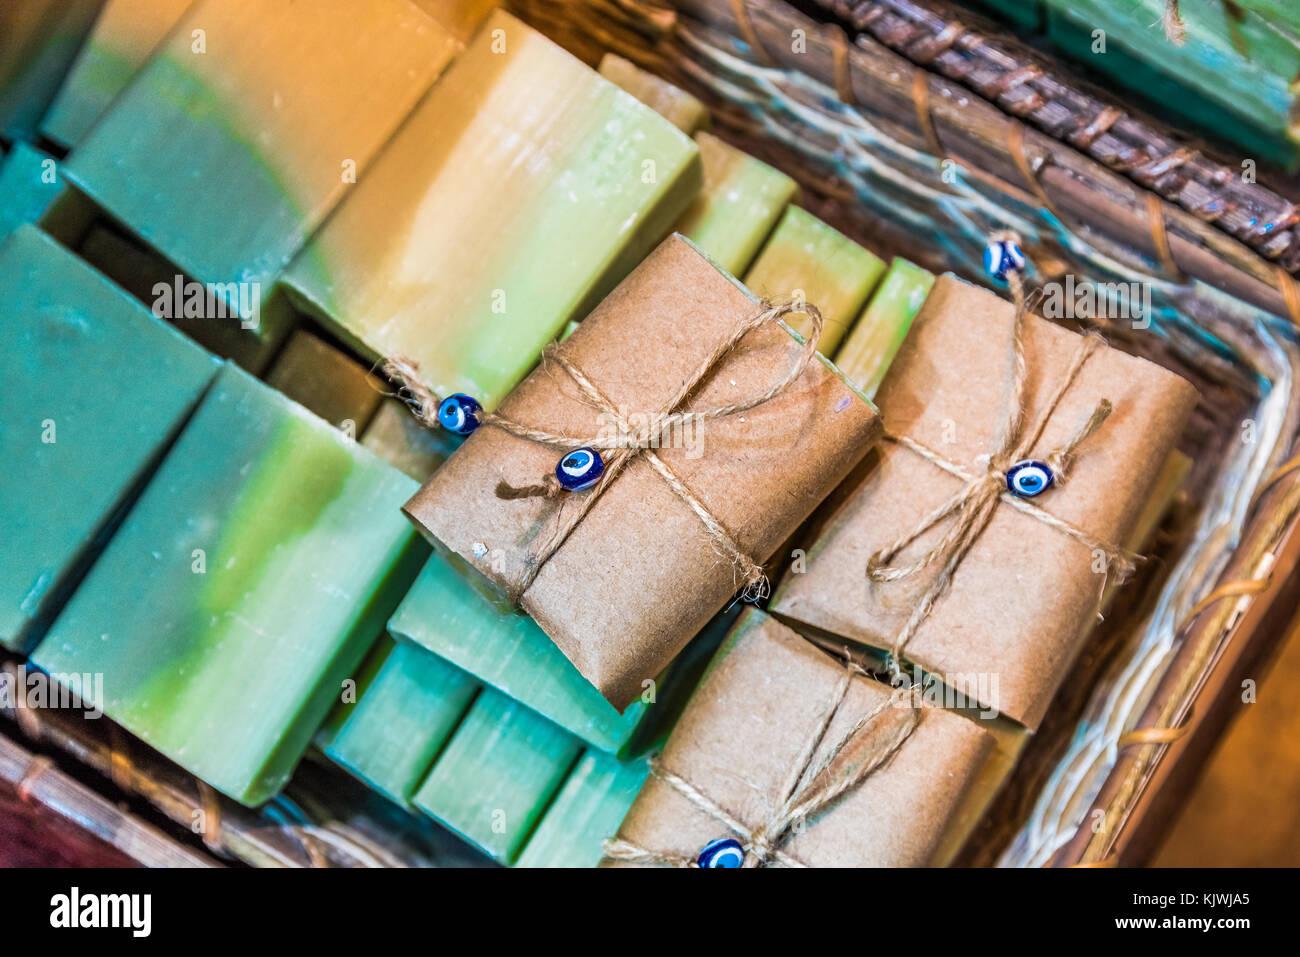 Diversi tipi di bagno turco naturale di frutta fatte a mano i